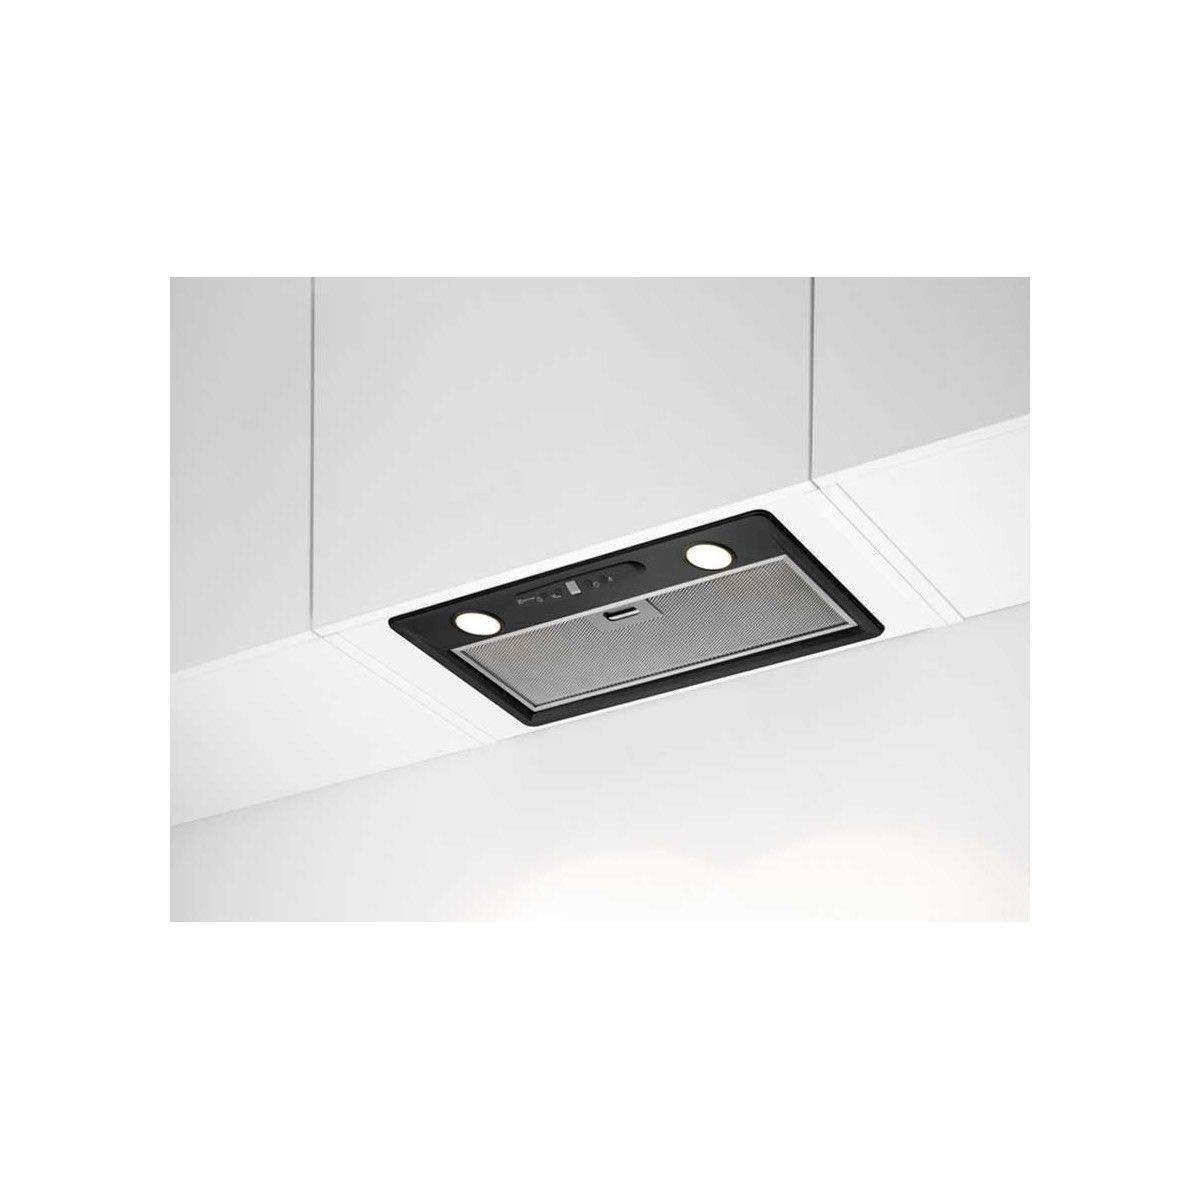 Electrolux Hotte intégrée 705 m³/h Encastrada Negro C - Campana (705 m³/h, Canalizado/Recirculación, C, A, C, 63 dB): Amazon.es: Hogar